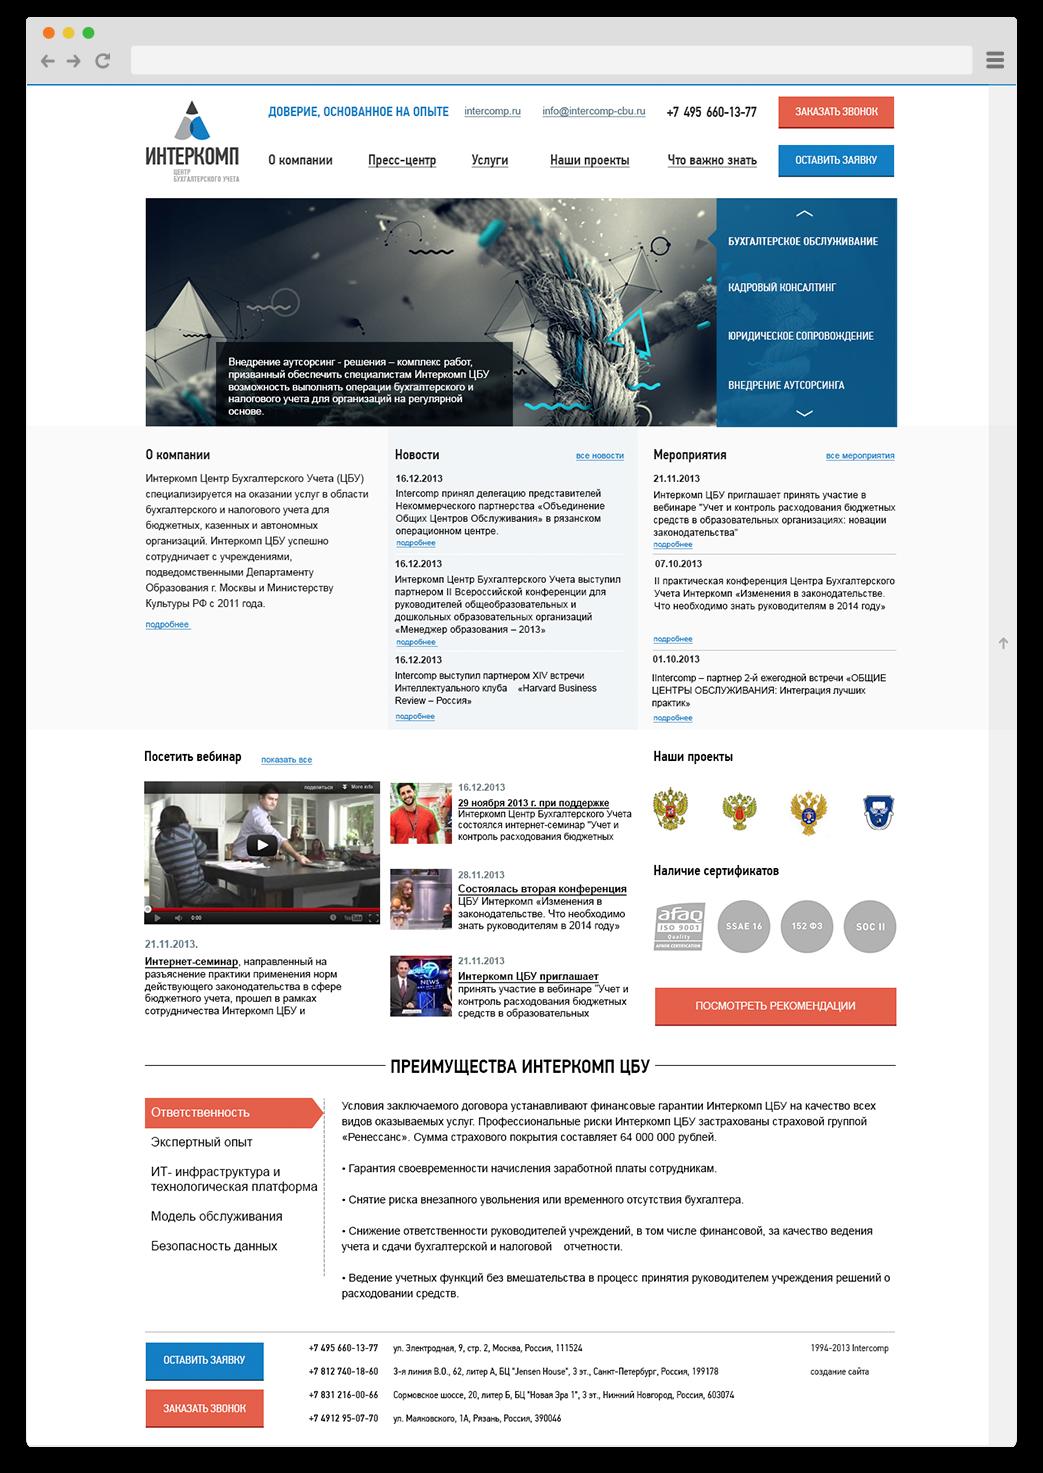 Дизайн сайта Интеркомп ЦБУ